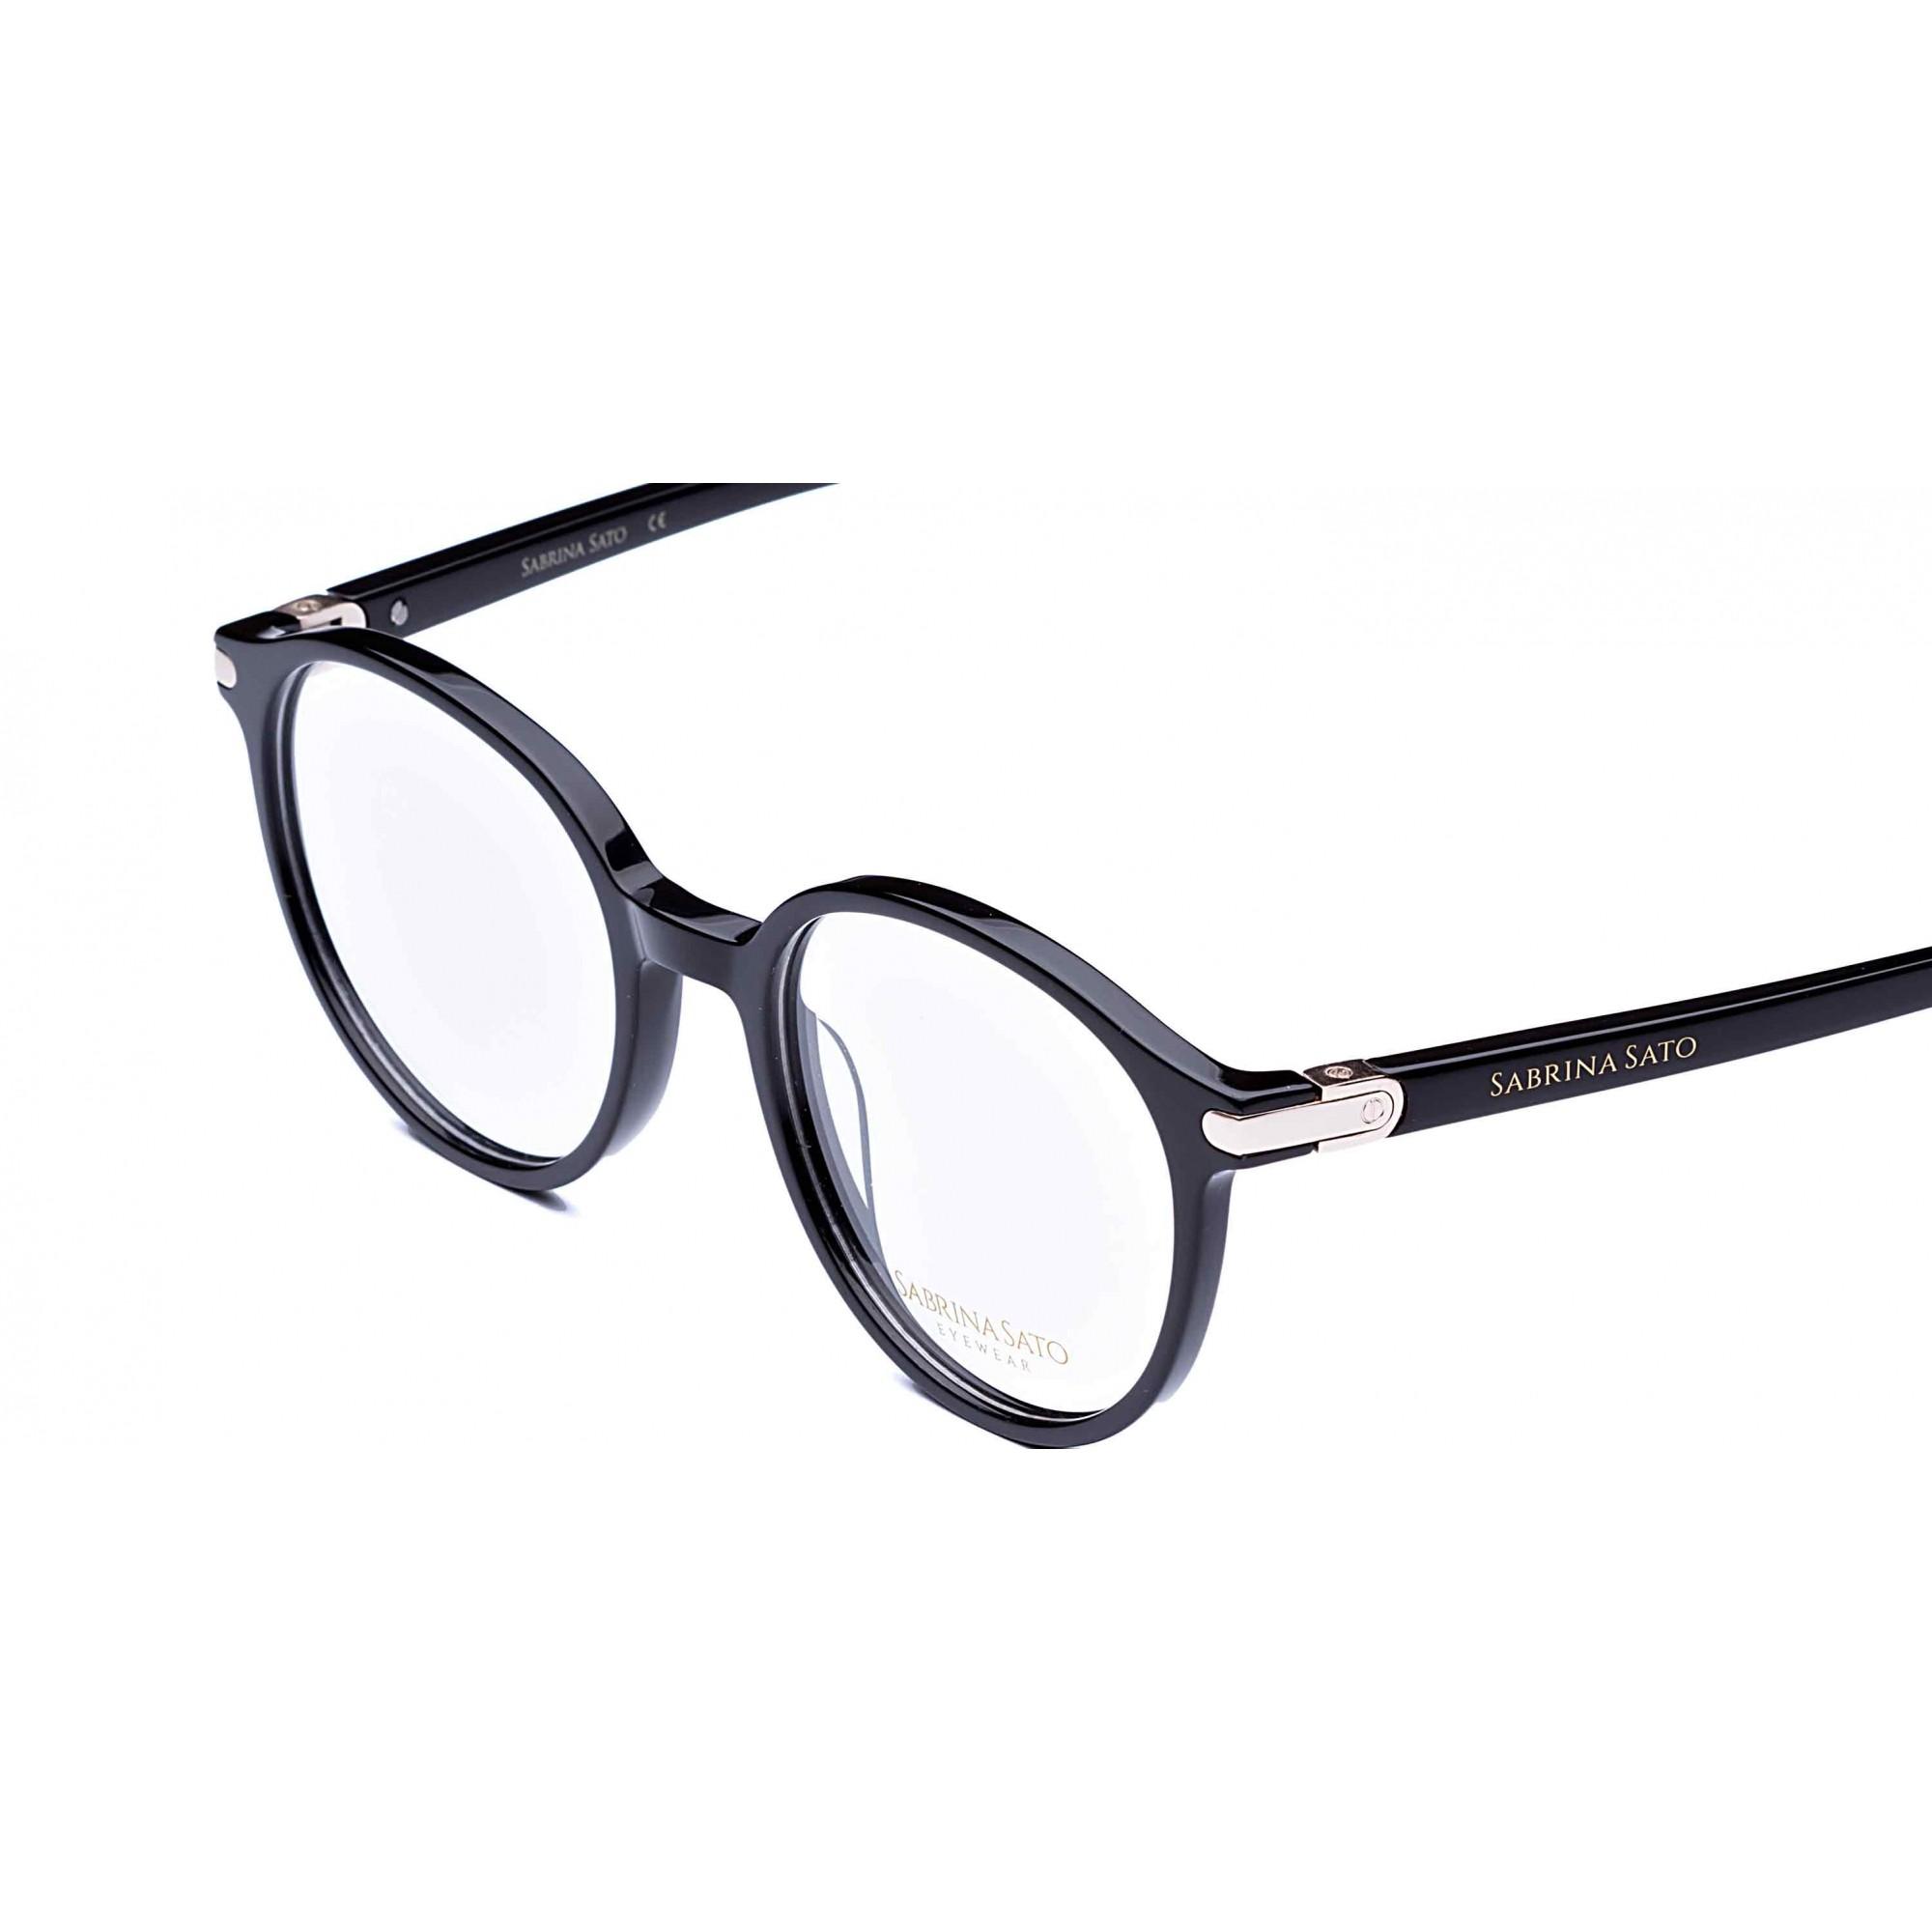 Óculos de Grau SS533 Sabrina Sato - Original